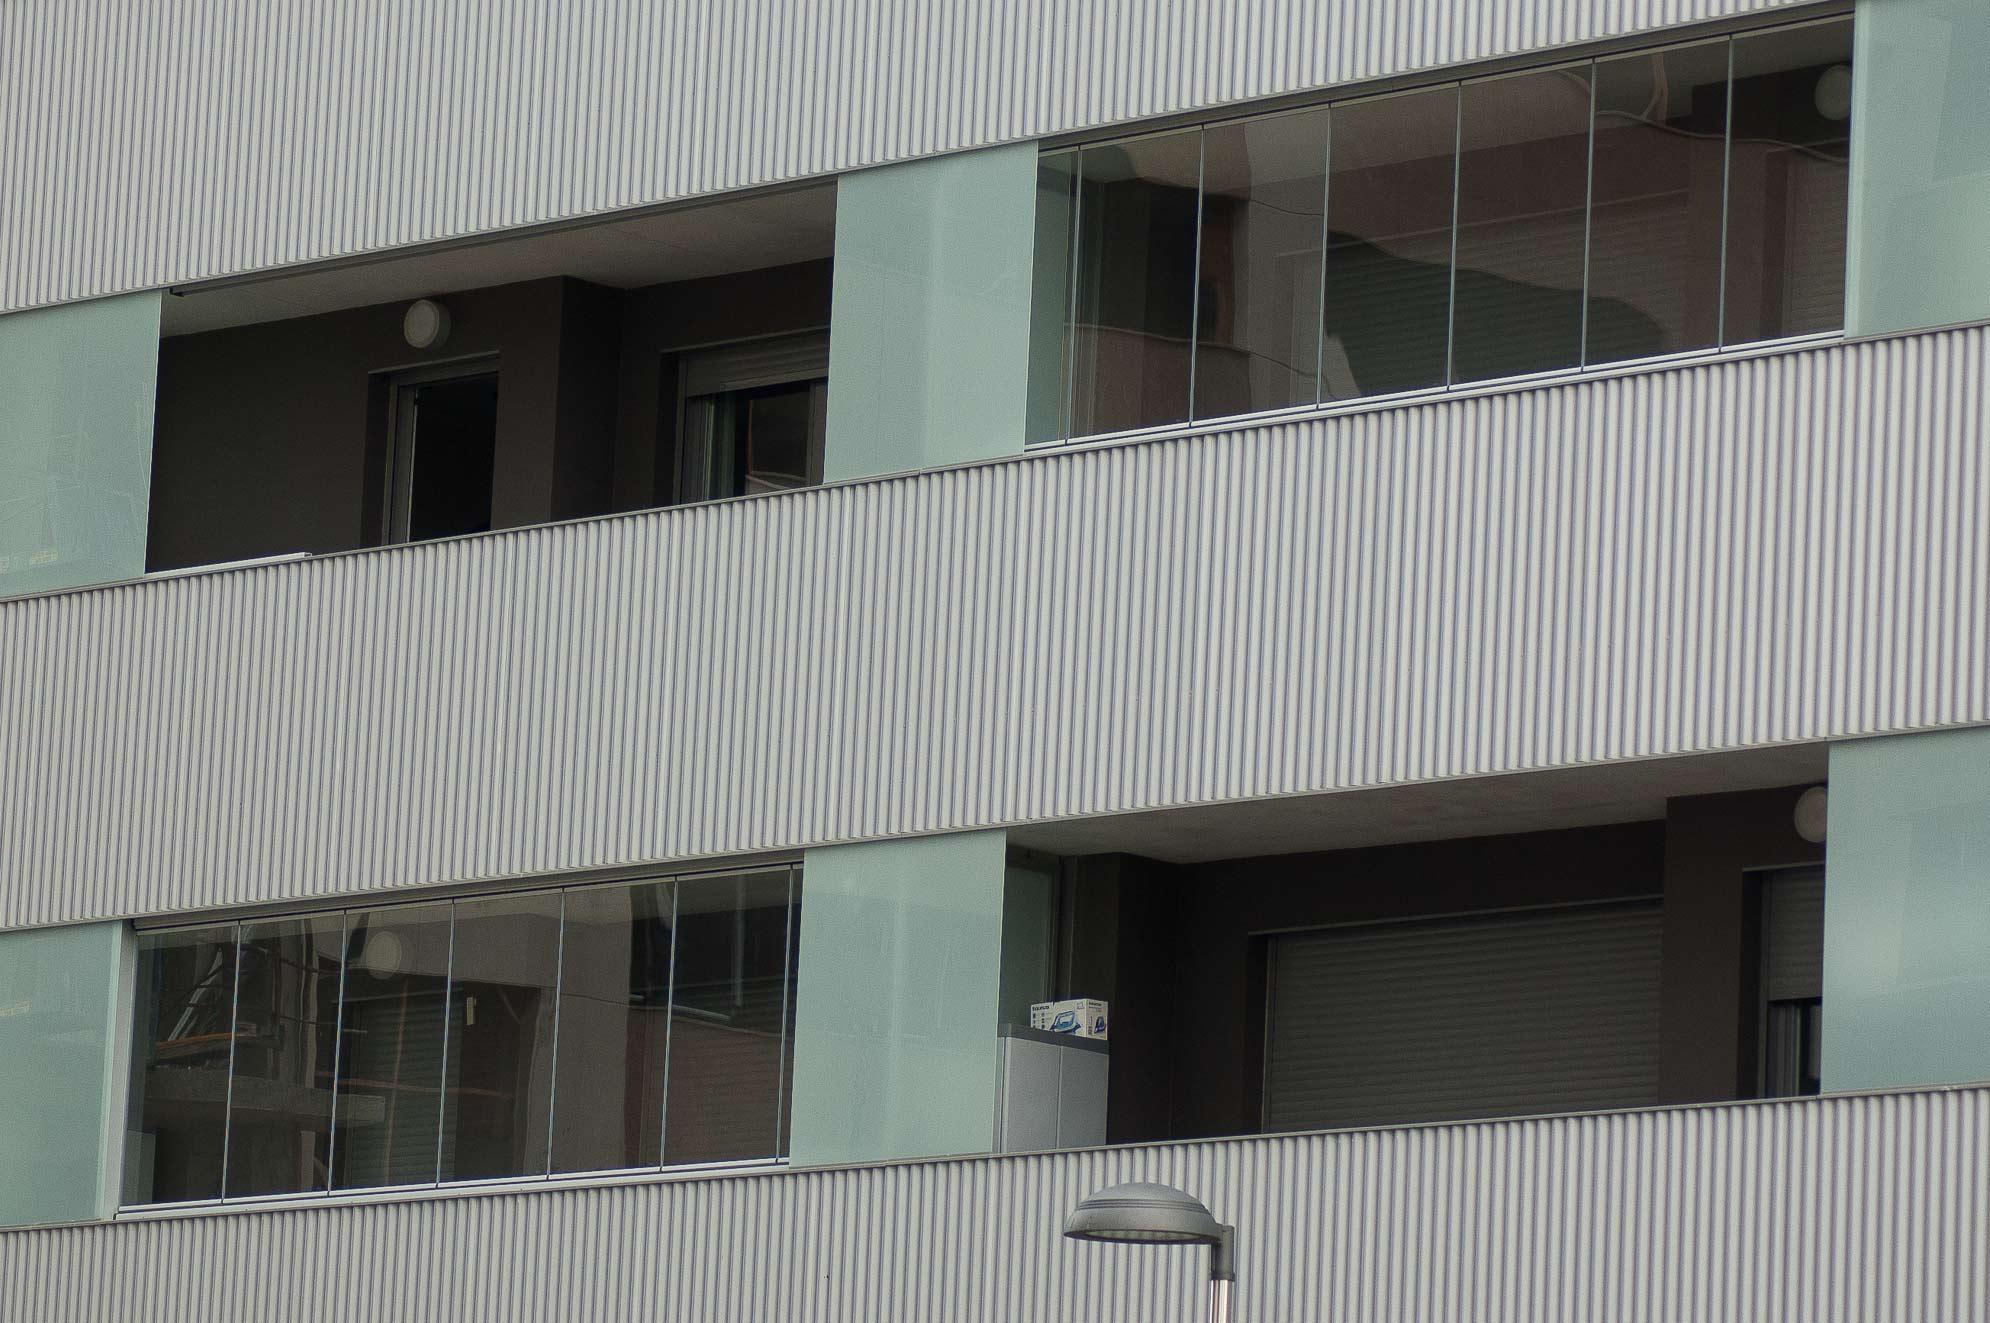 edificios-acristalados-lumon-4